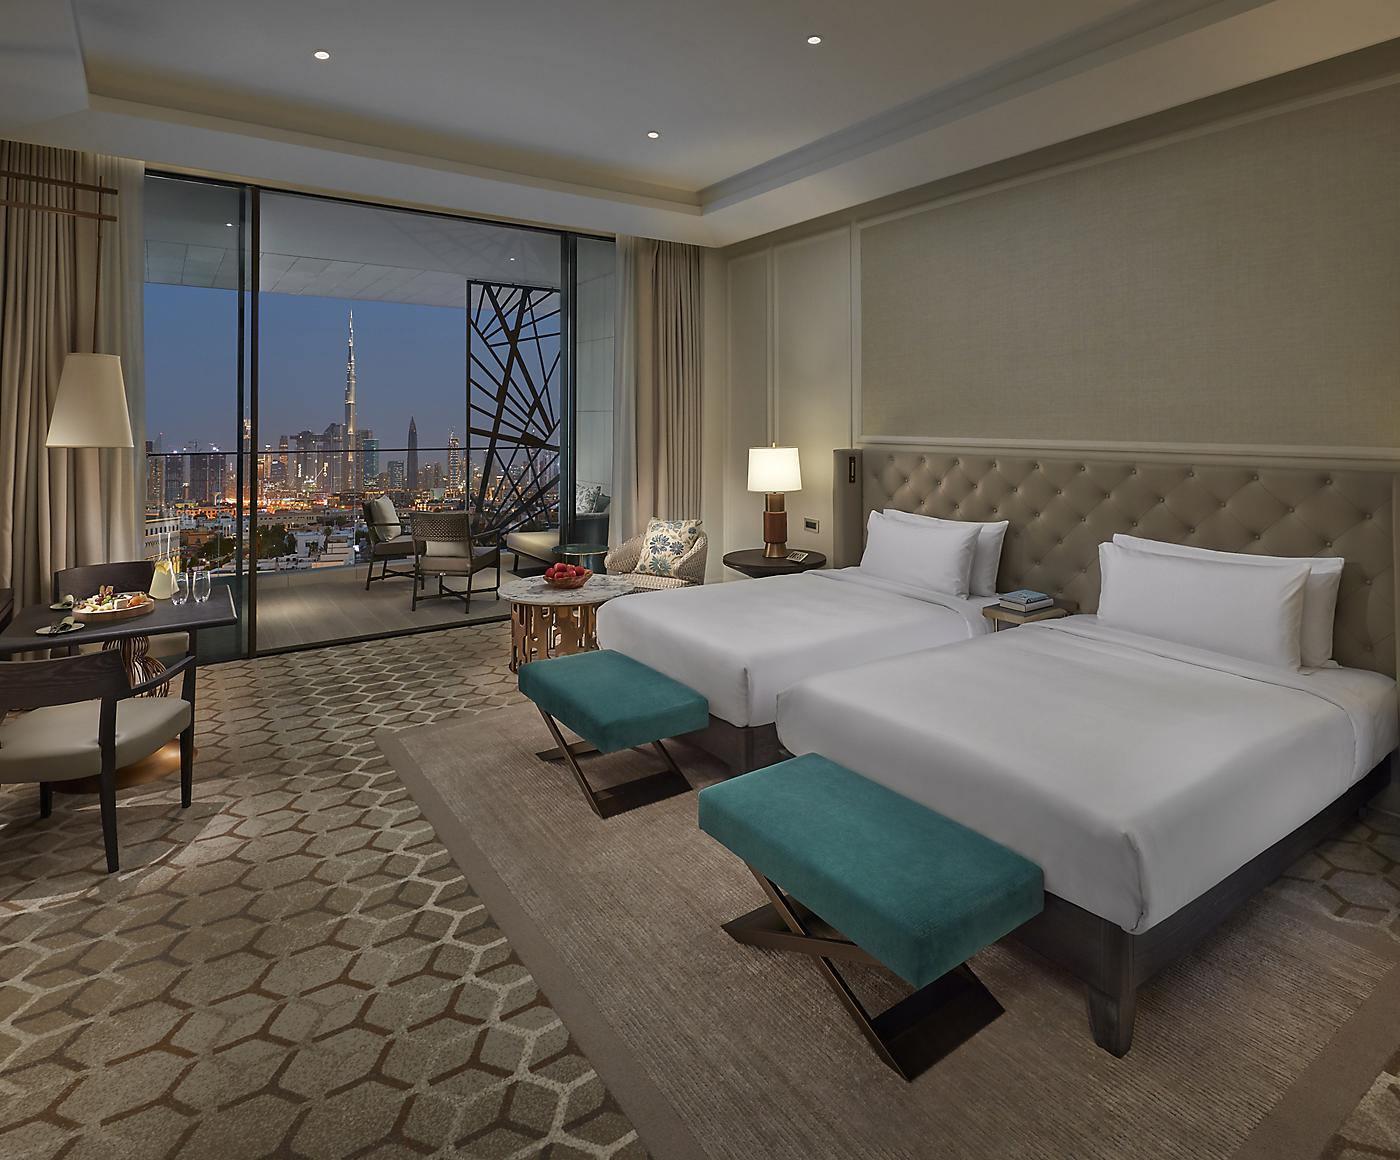 dubai-room-deluxe-skyline-view